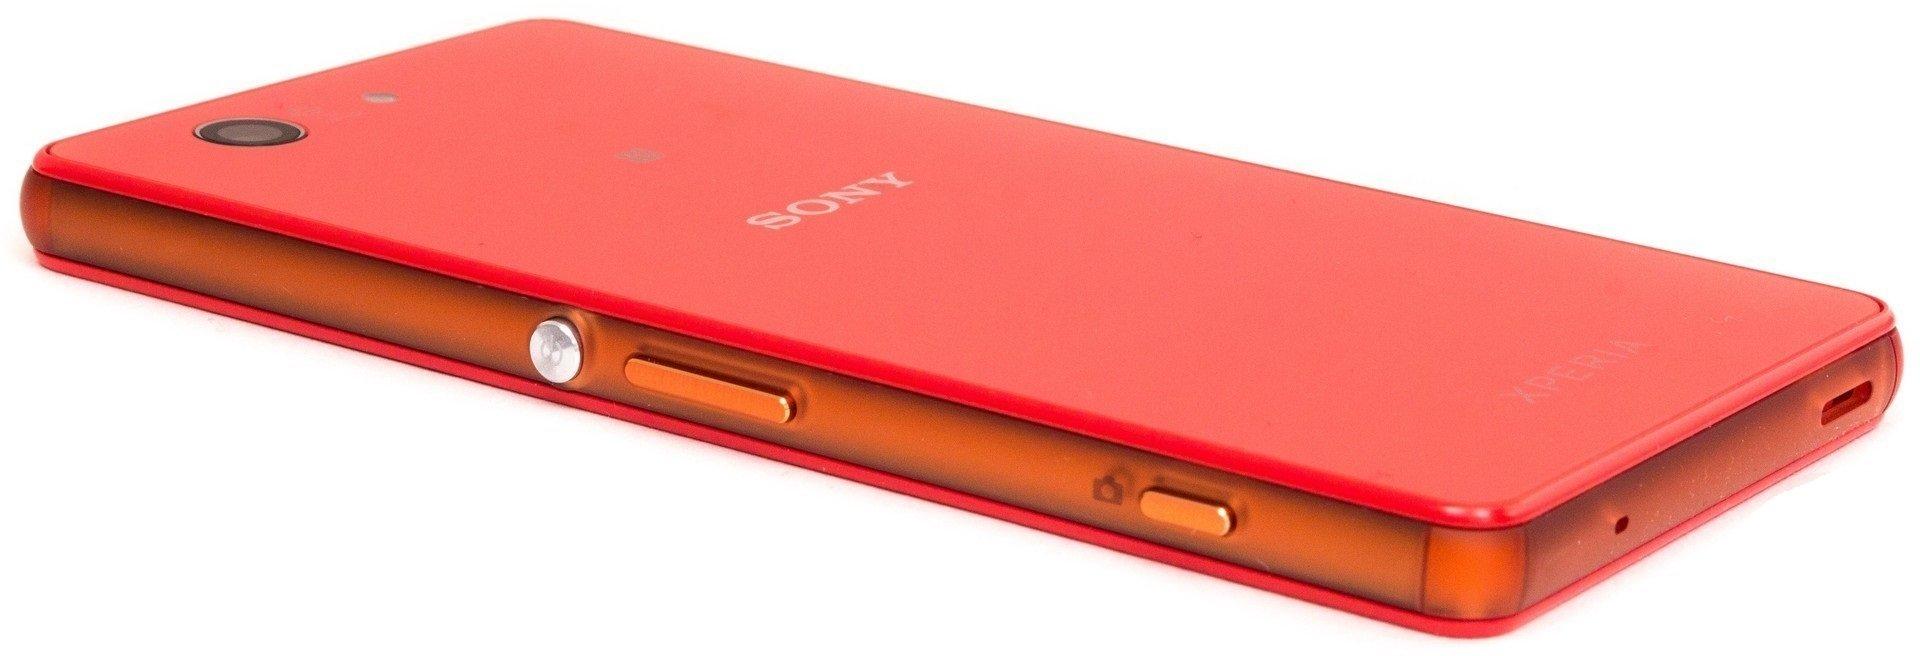 z3 compact orange ile ilgili görsel sonucu